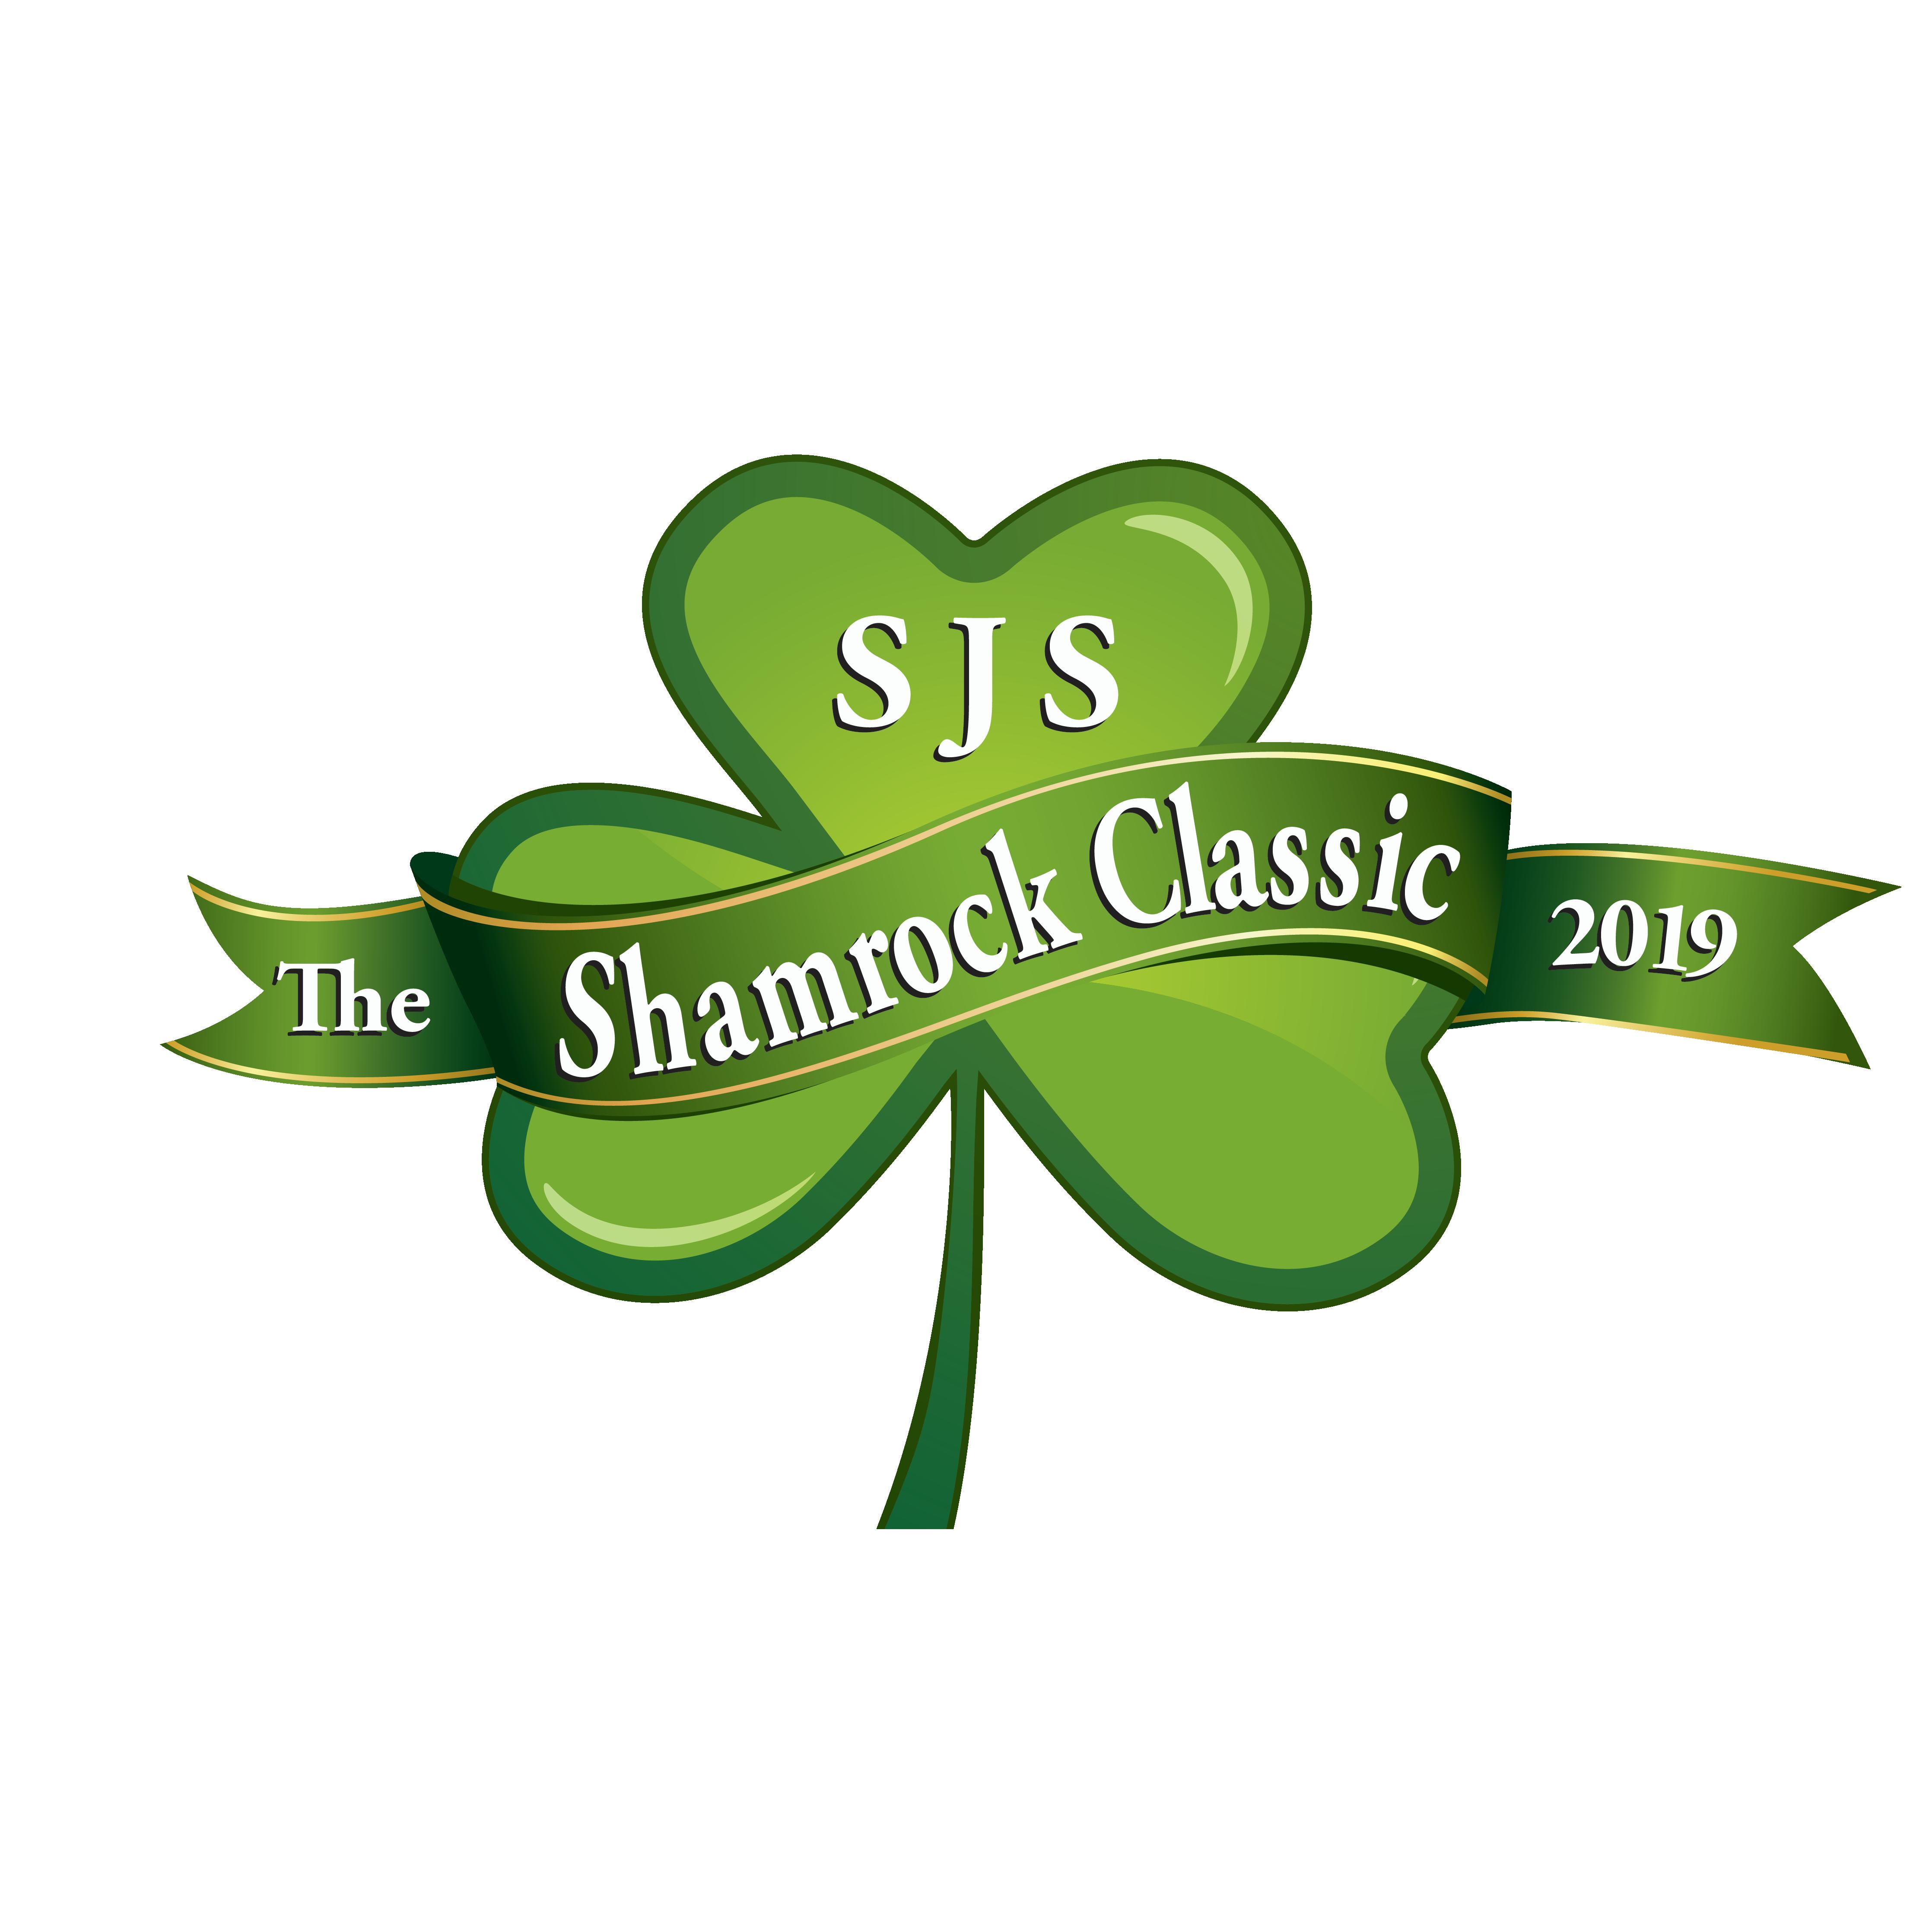 The Shamrock Classic logo